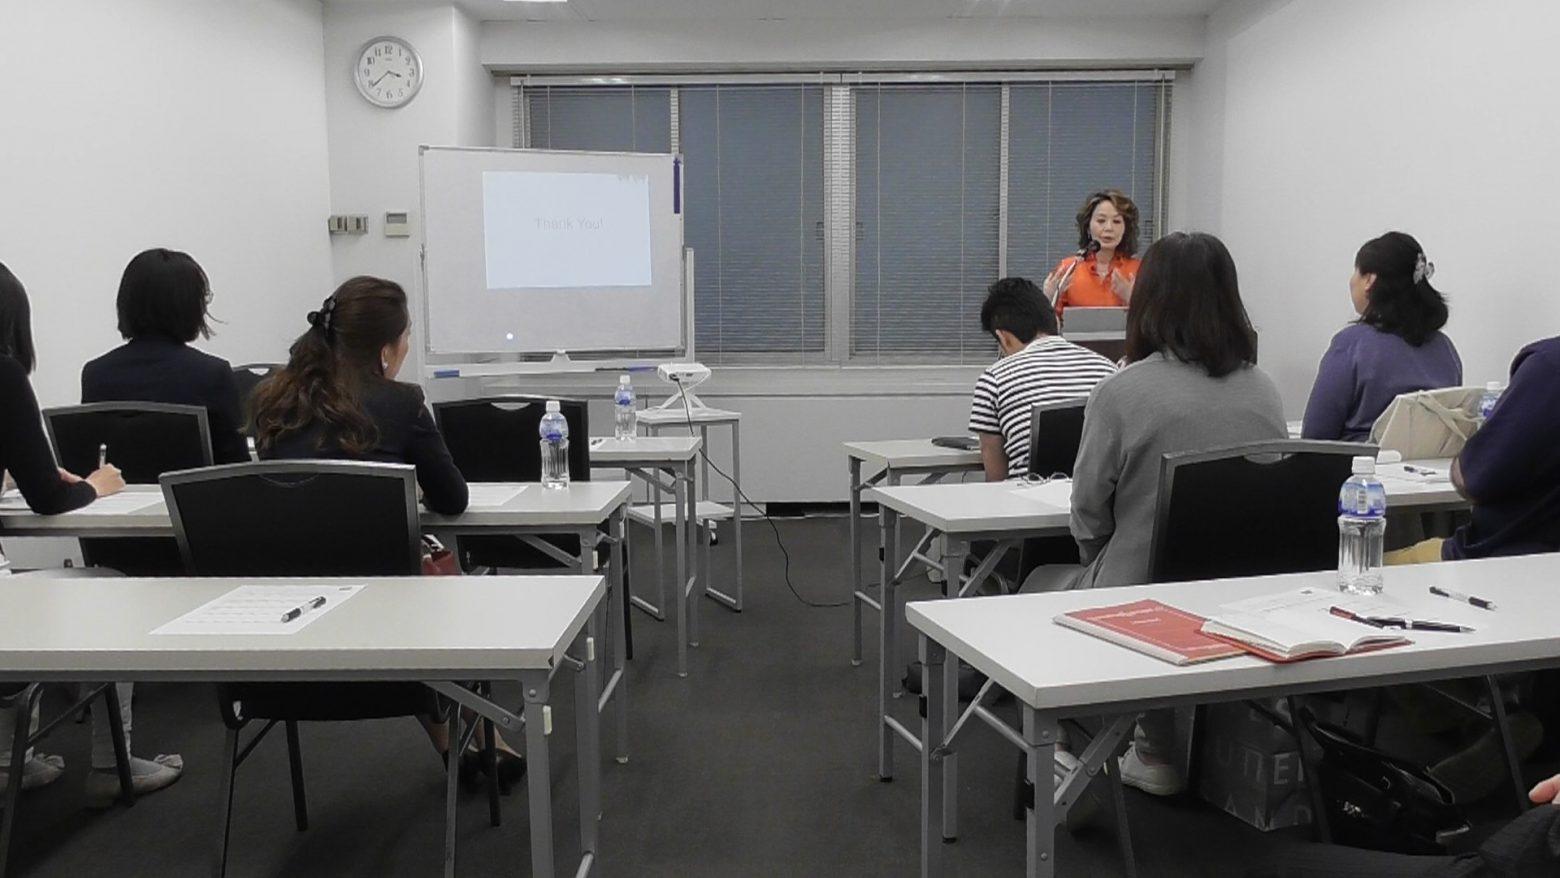 英語通訳 サマーレッスン開催のお知らせ ~選ばれる通訳者になるために~